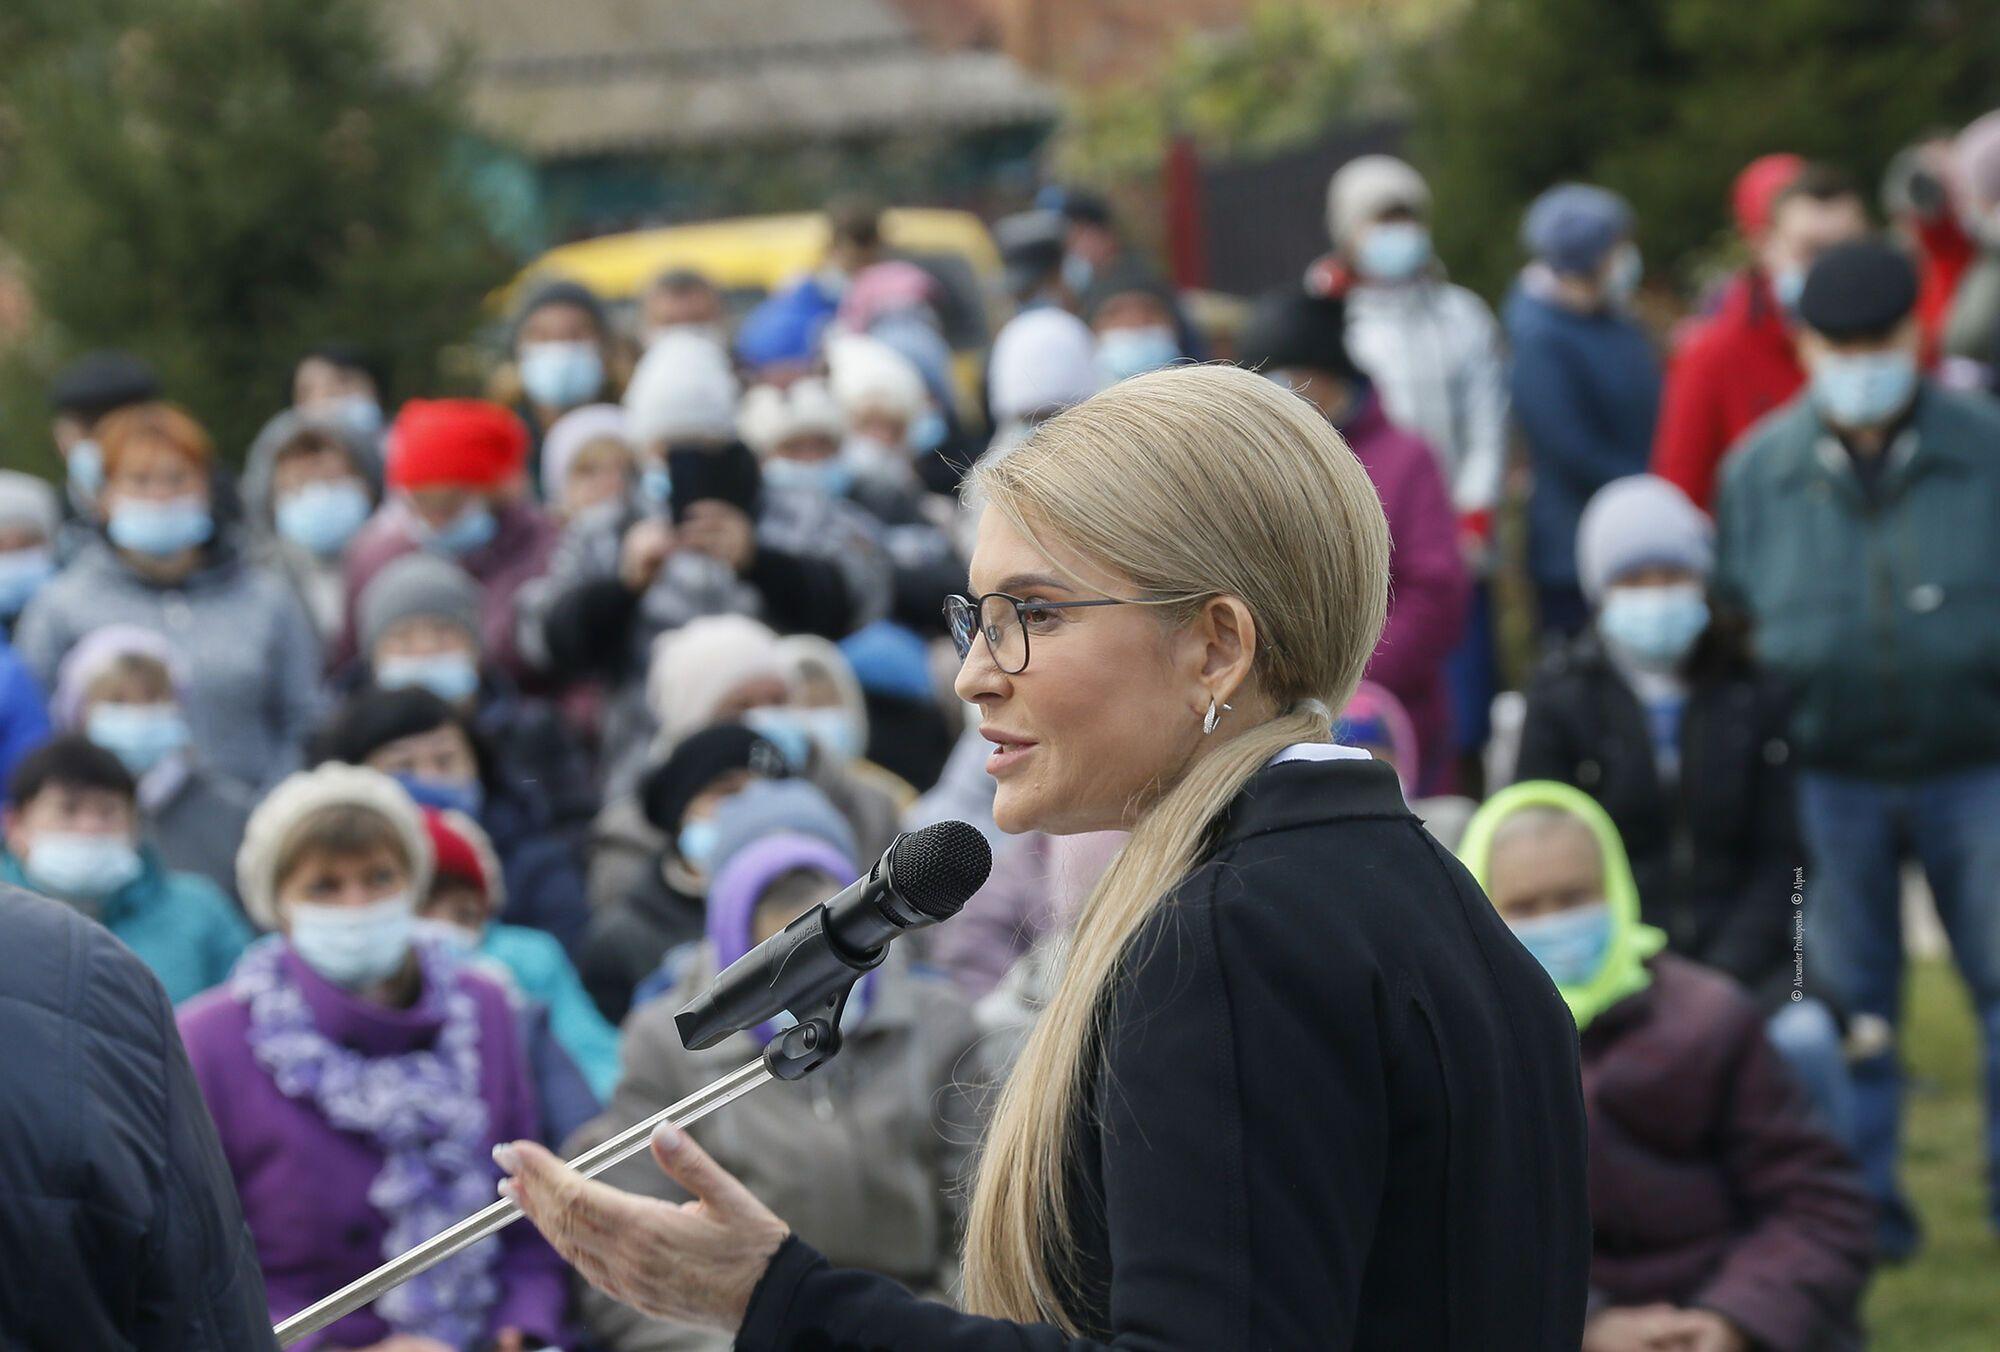 Власти должны немедленно принять решение о направлении на нужды людей газа украинской добычи, заявила Тимошенко